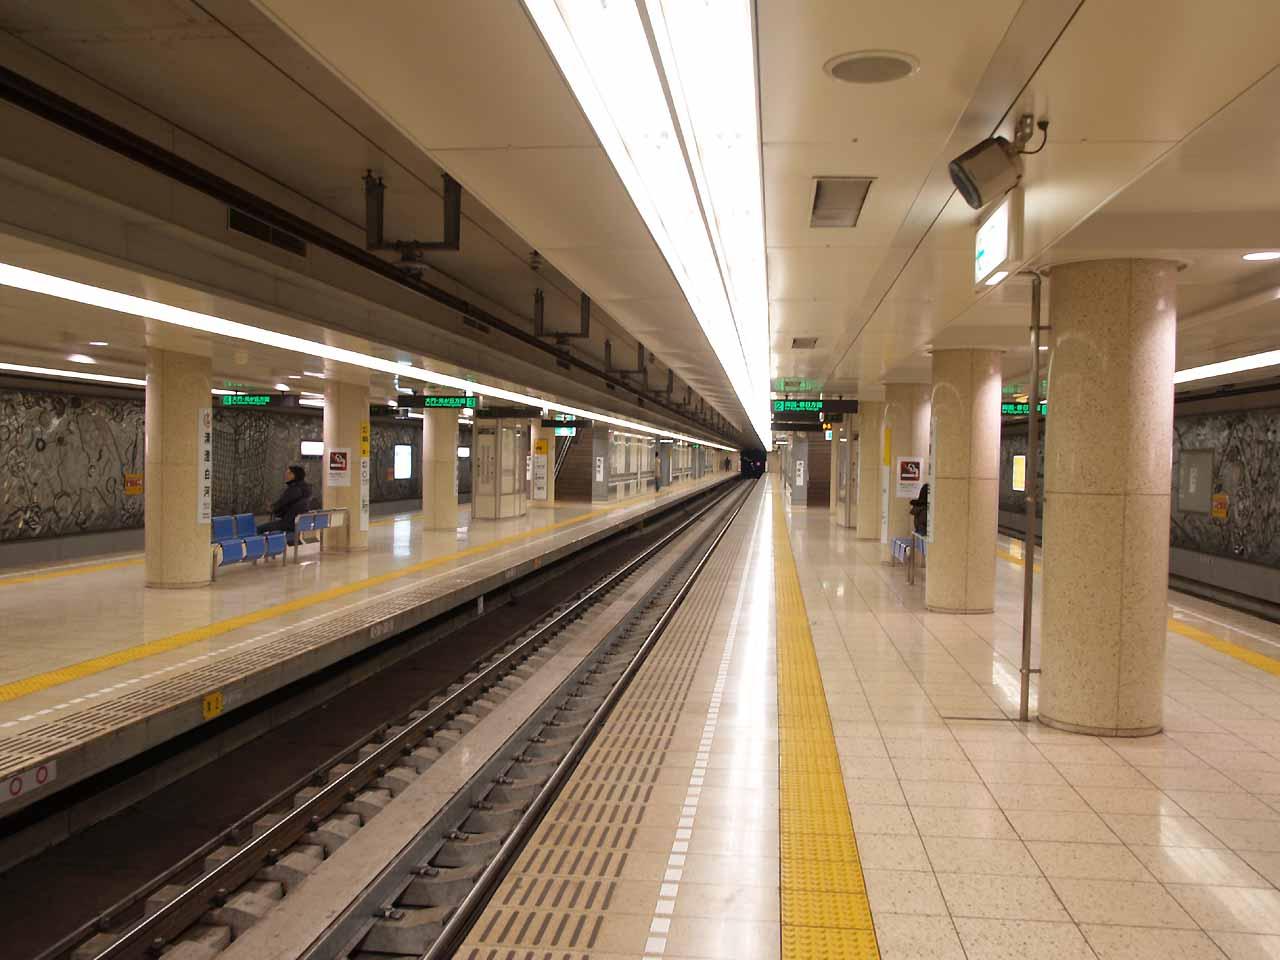 ファイル:Kiyosumi-shirakawa-station platform oedo-line.jpg